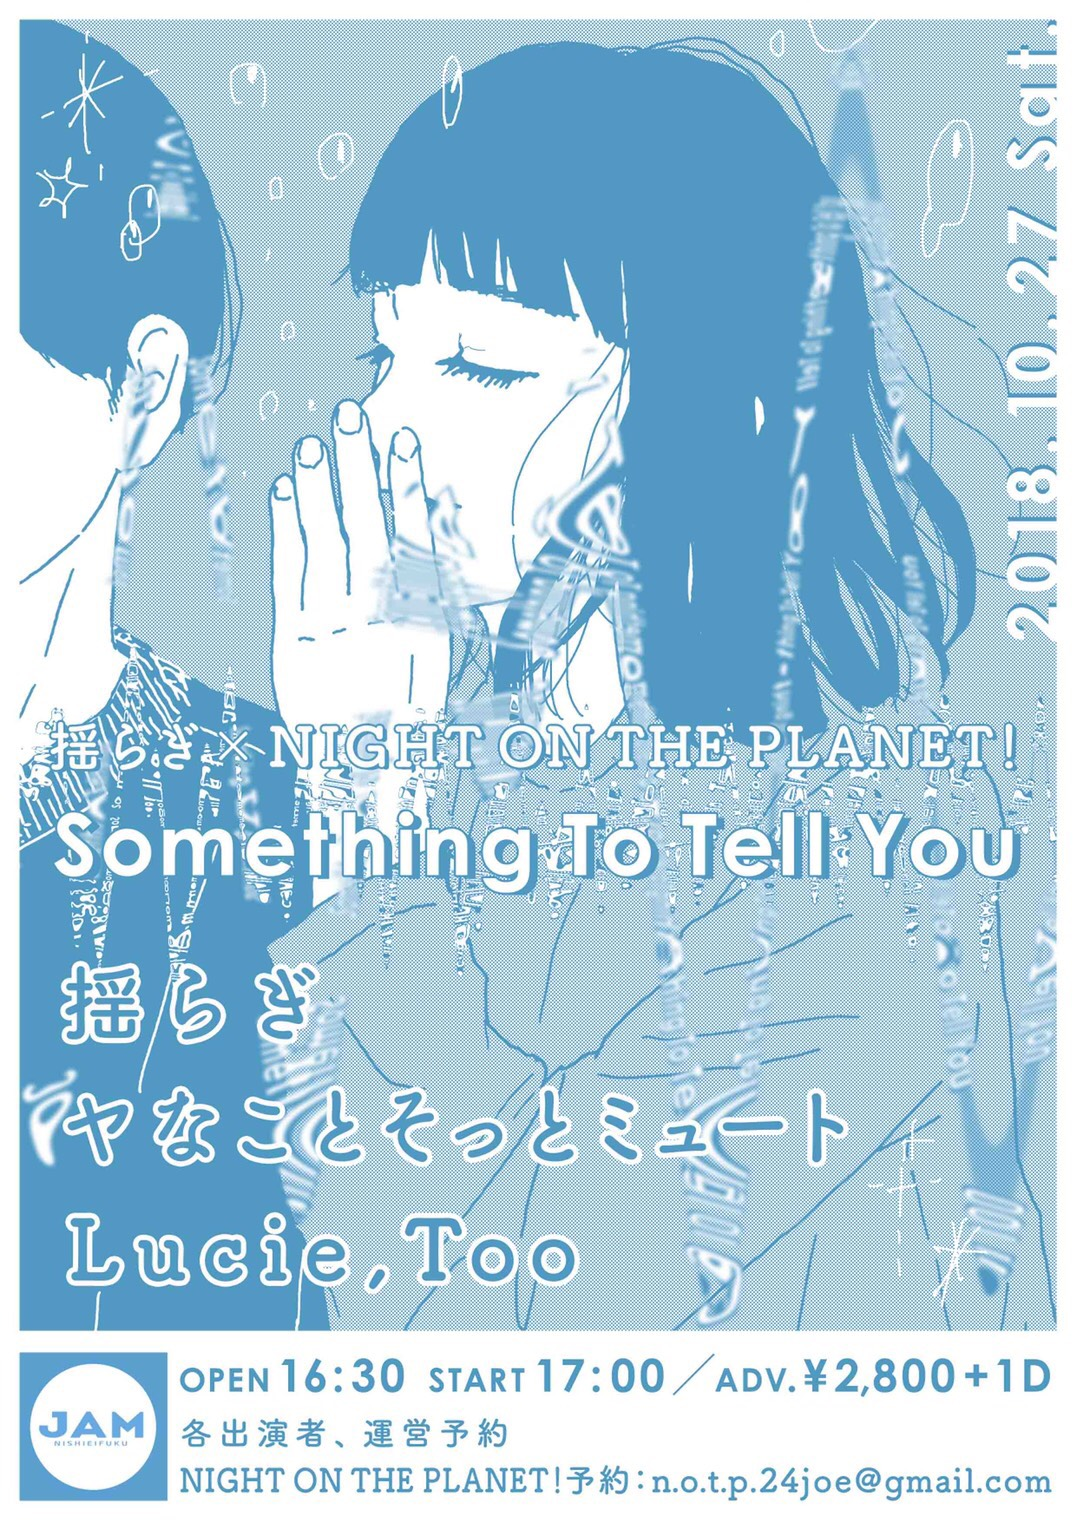 揺らぎ night on the planet something to tell you 西永福jam